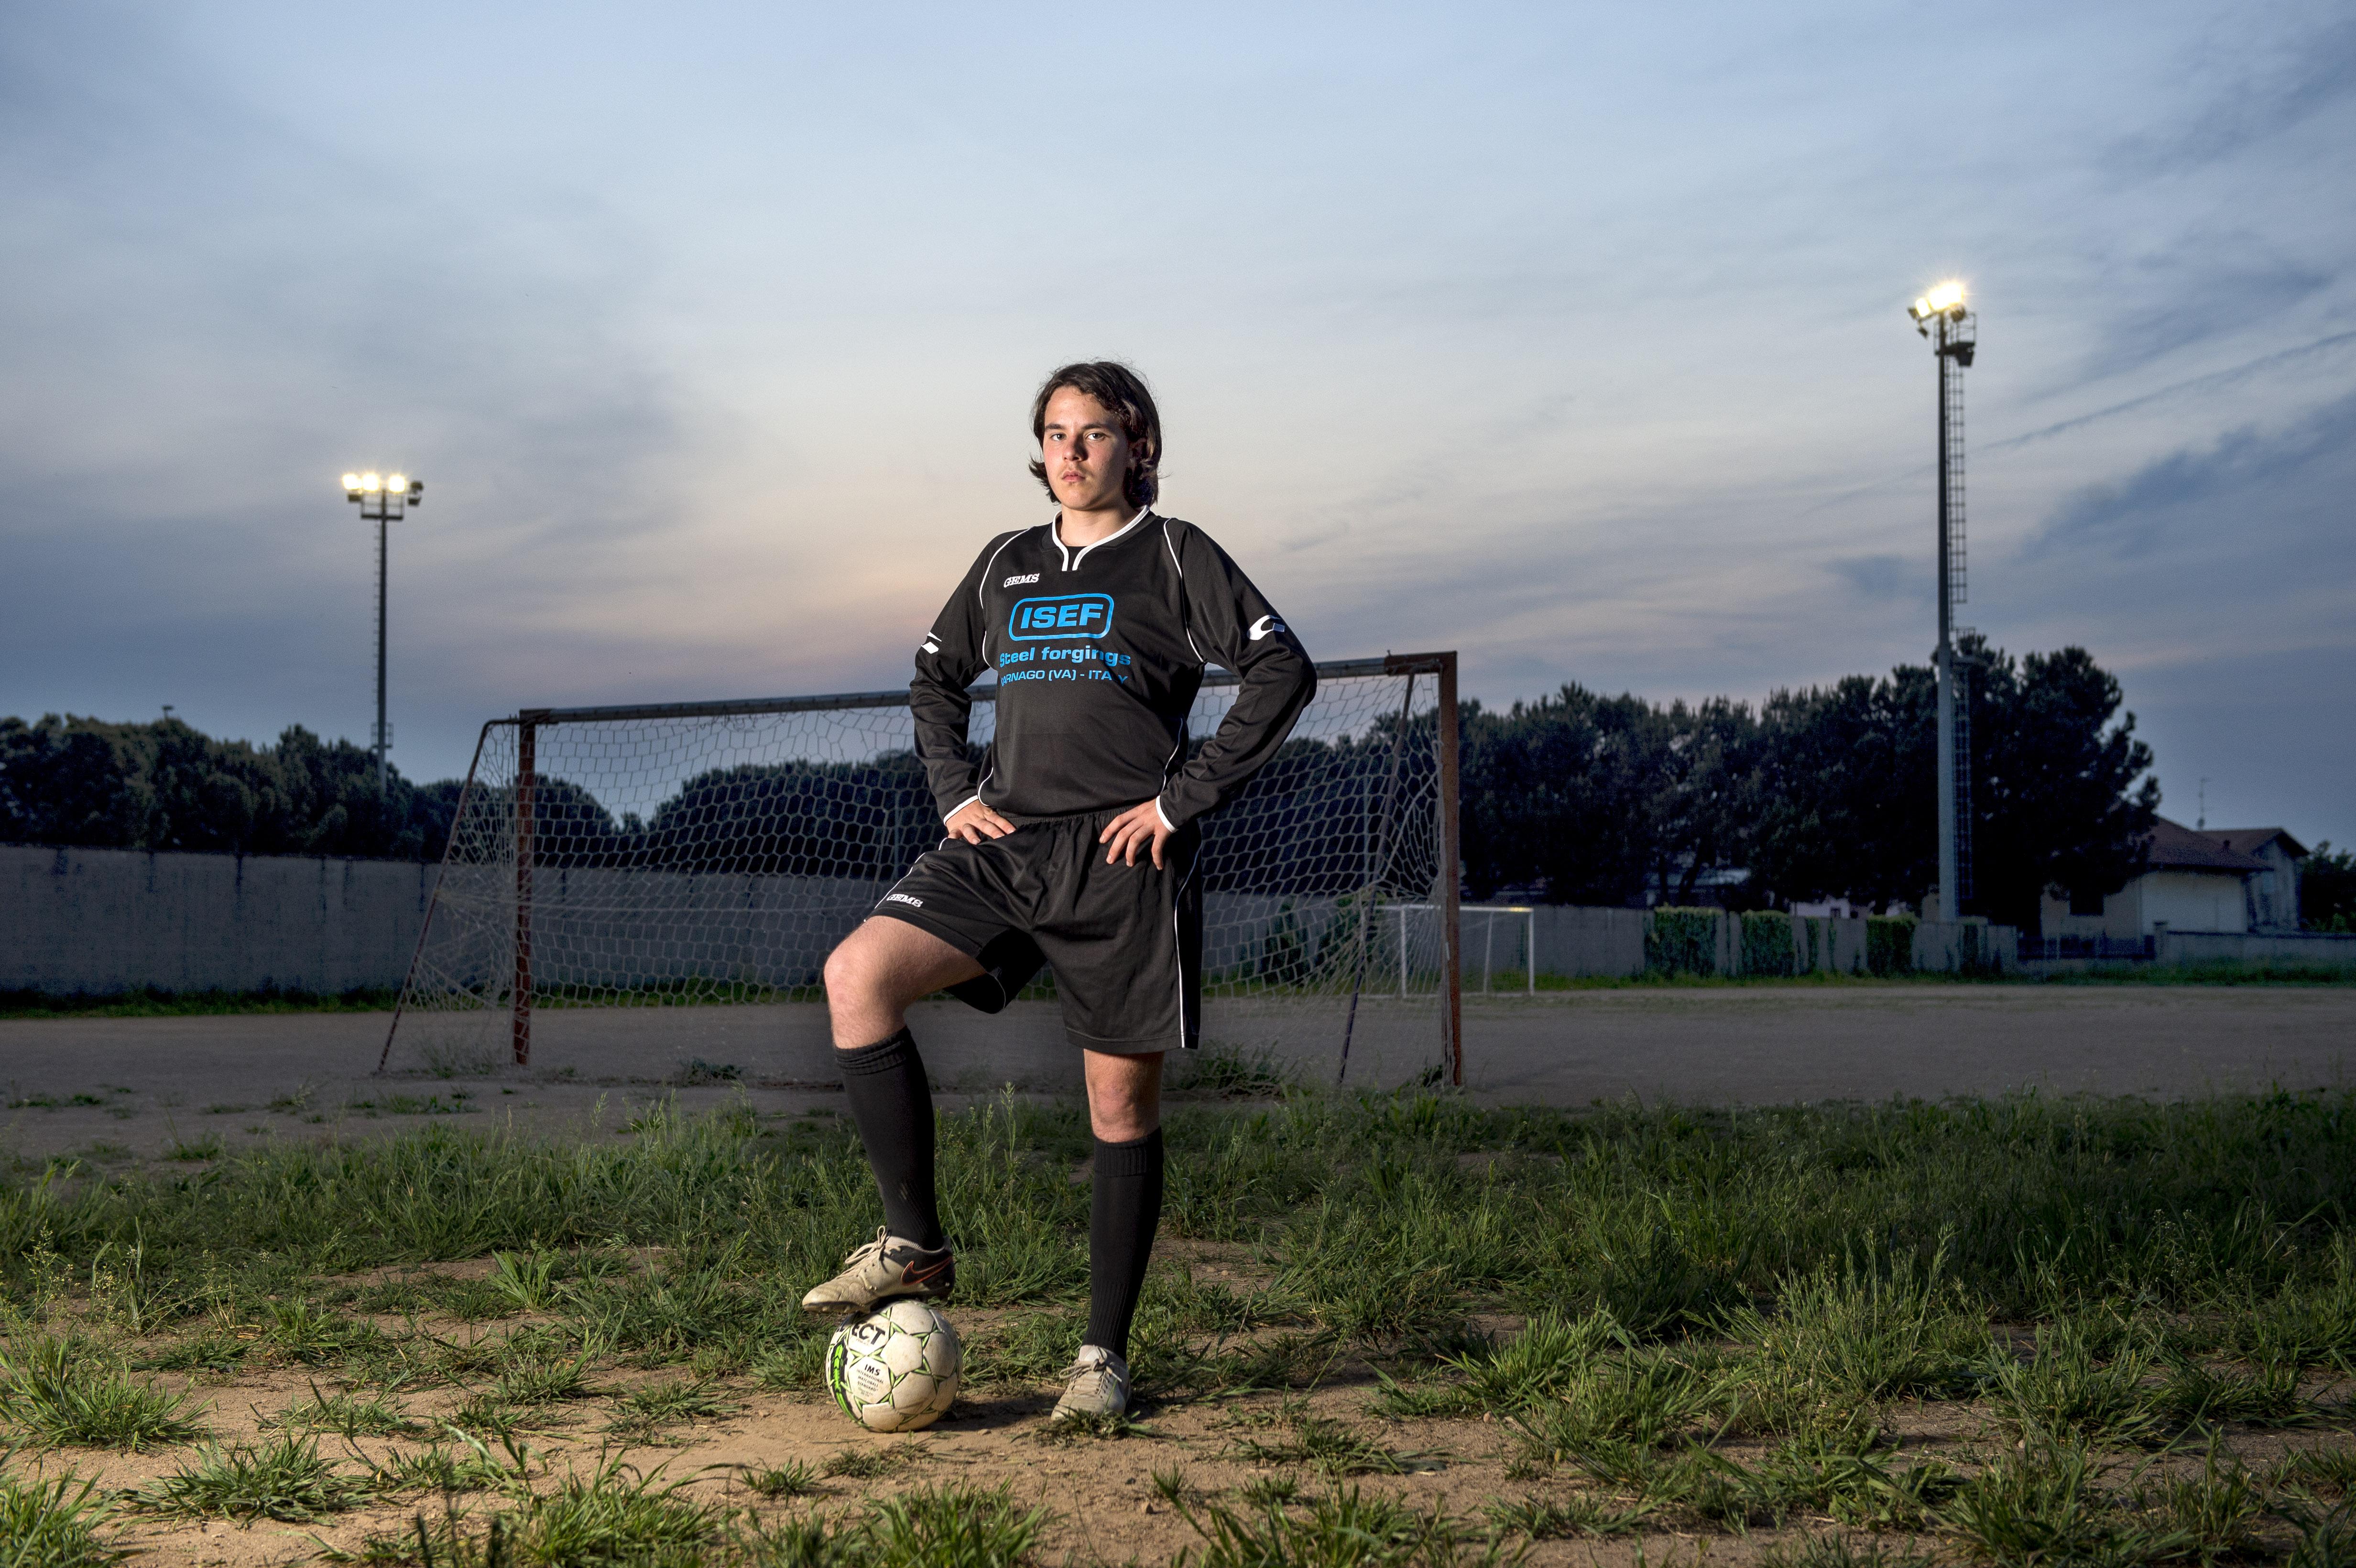 Young footballer, Italy, 2016